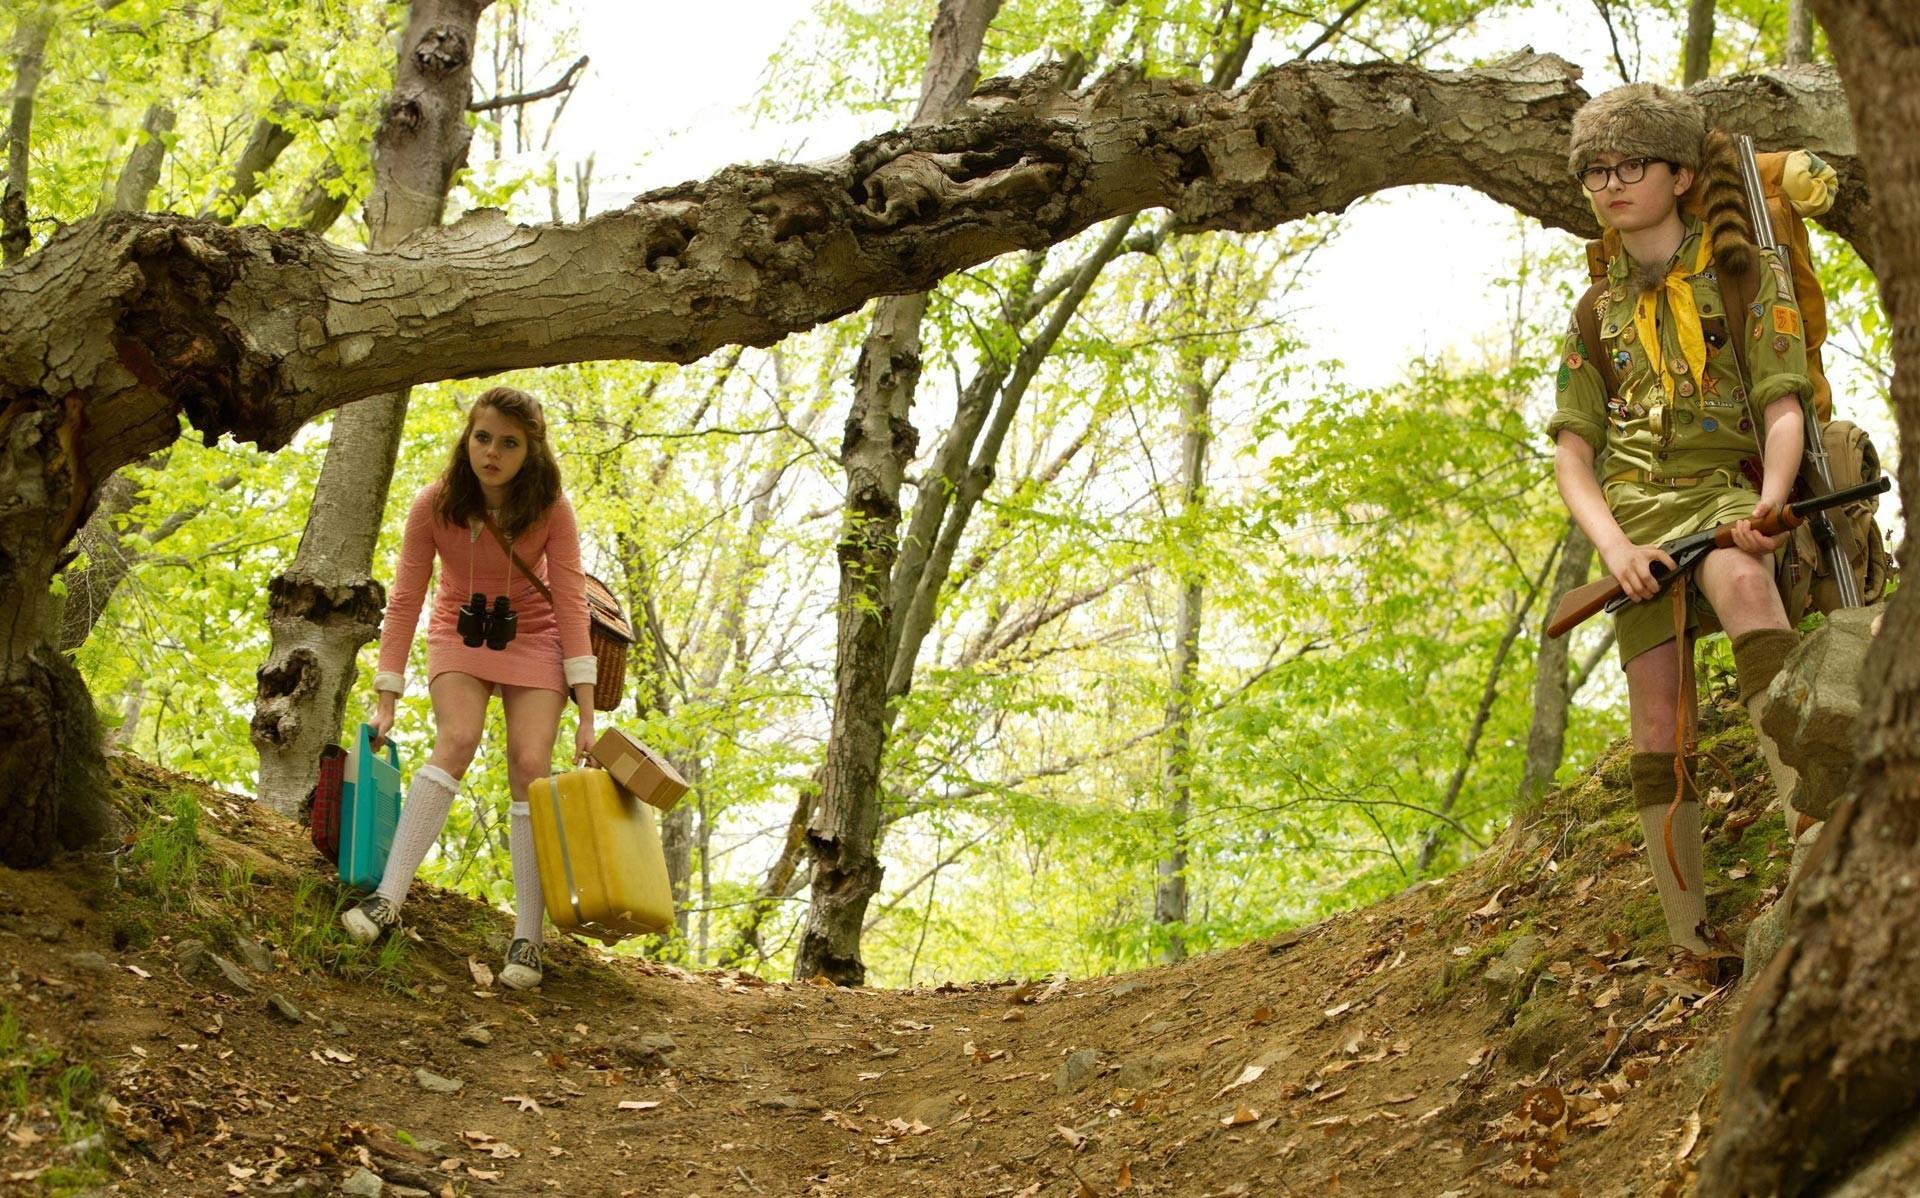 Kara Hayward and Jared Gilman in 'Moonrise Kingdom'